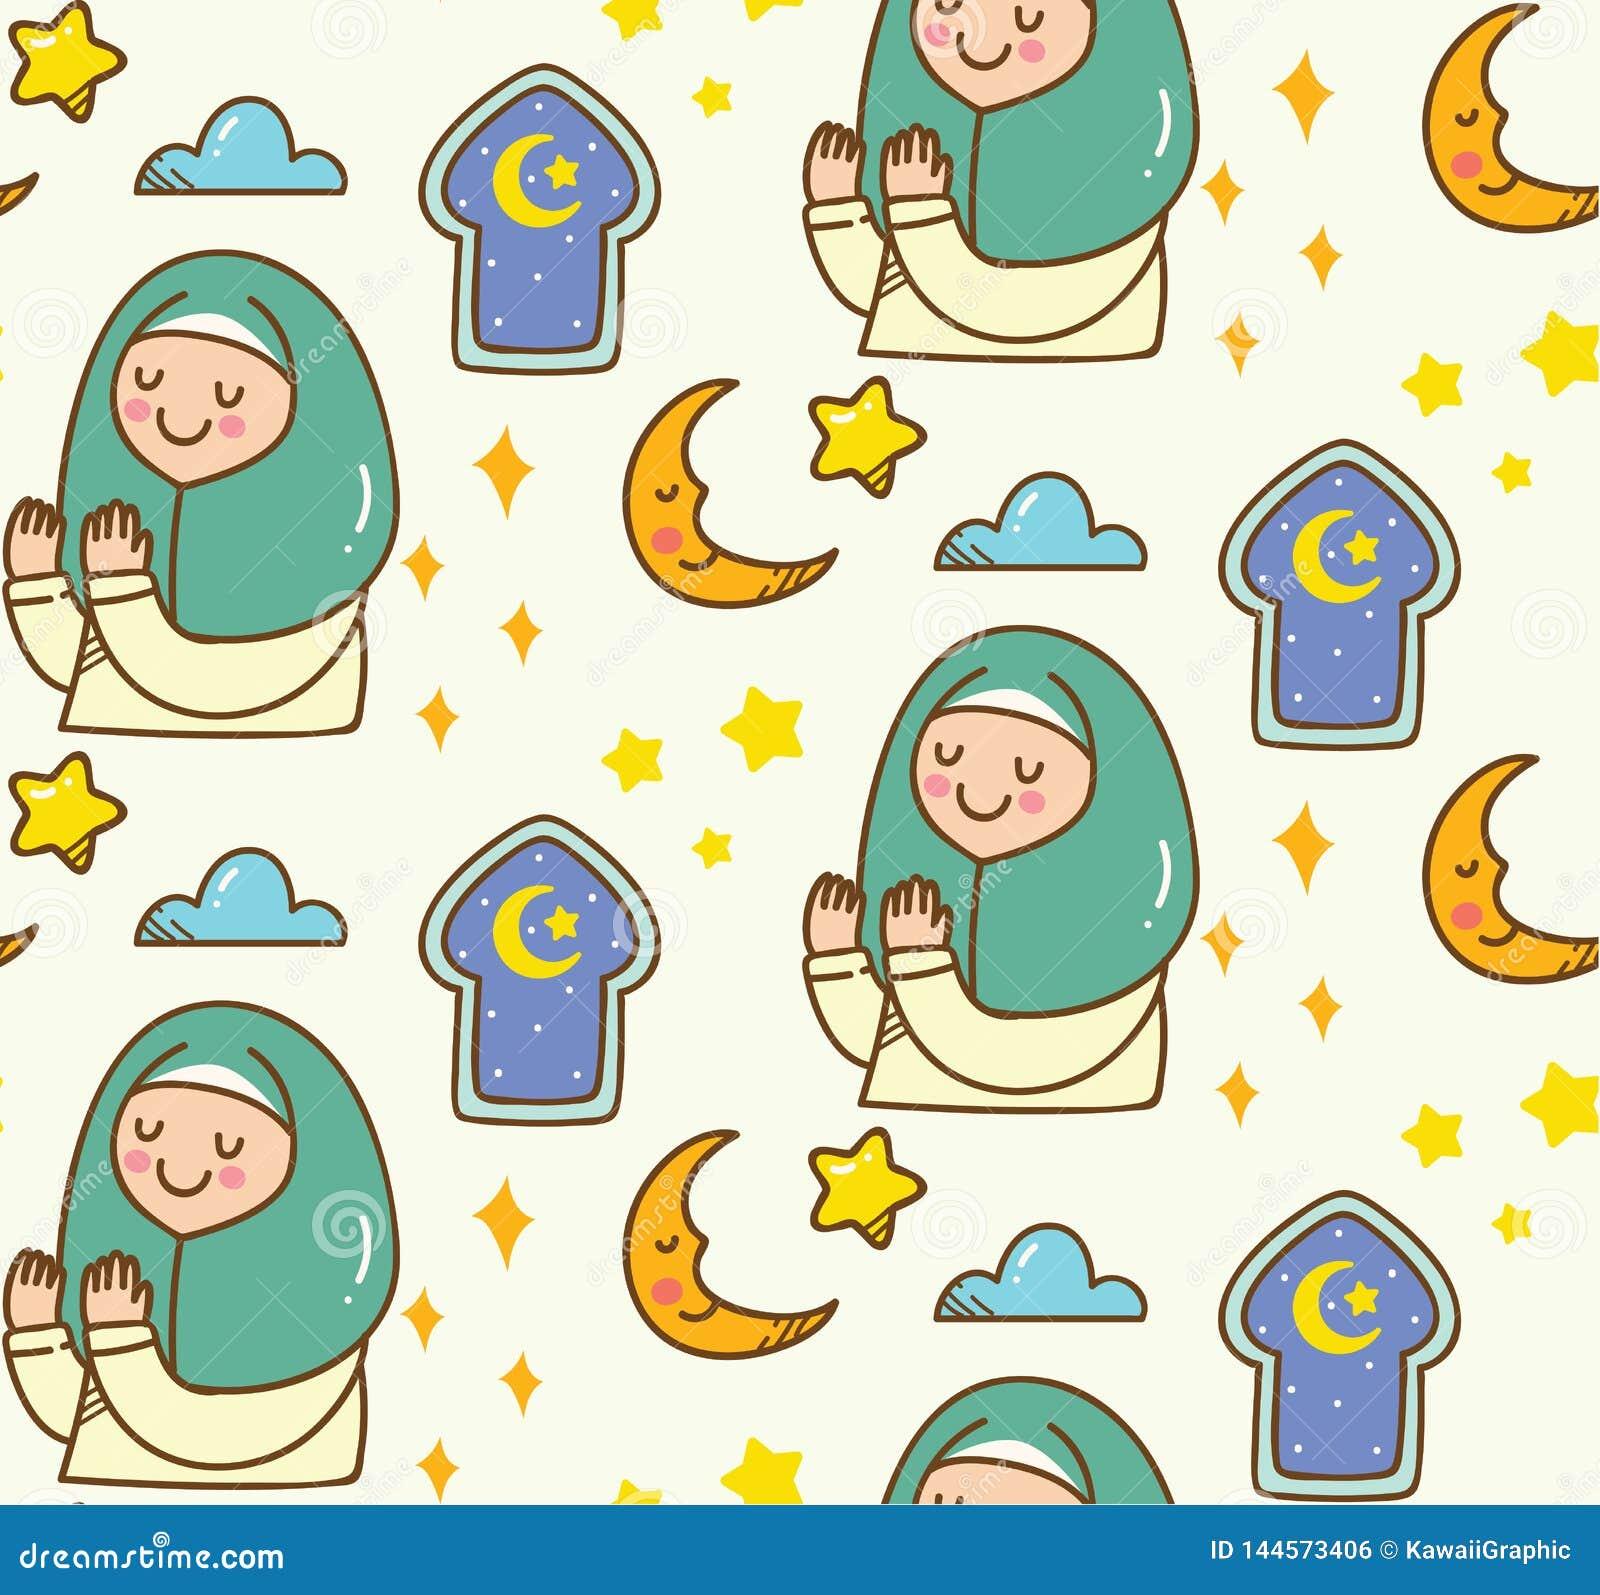 De Islamitische achtergrond van de beeldverhaalkrabbel voor Eid-al fitr of ramadan viering